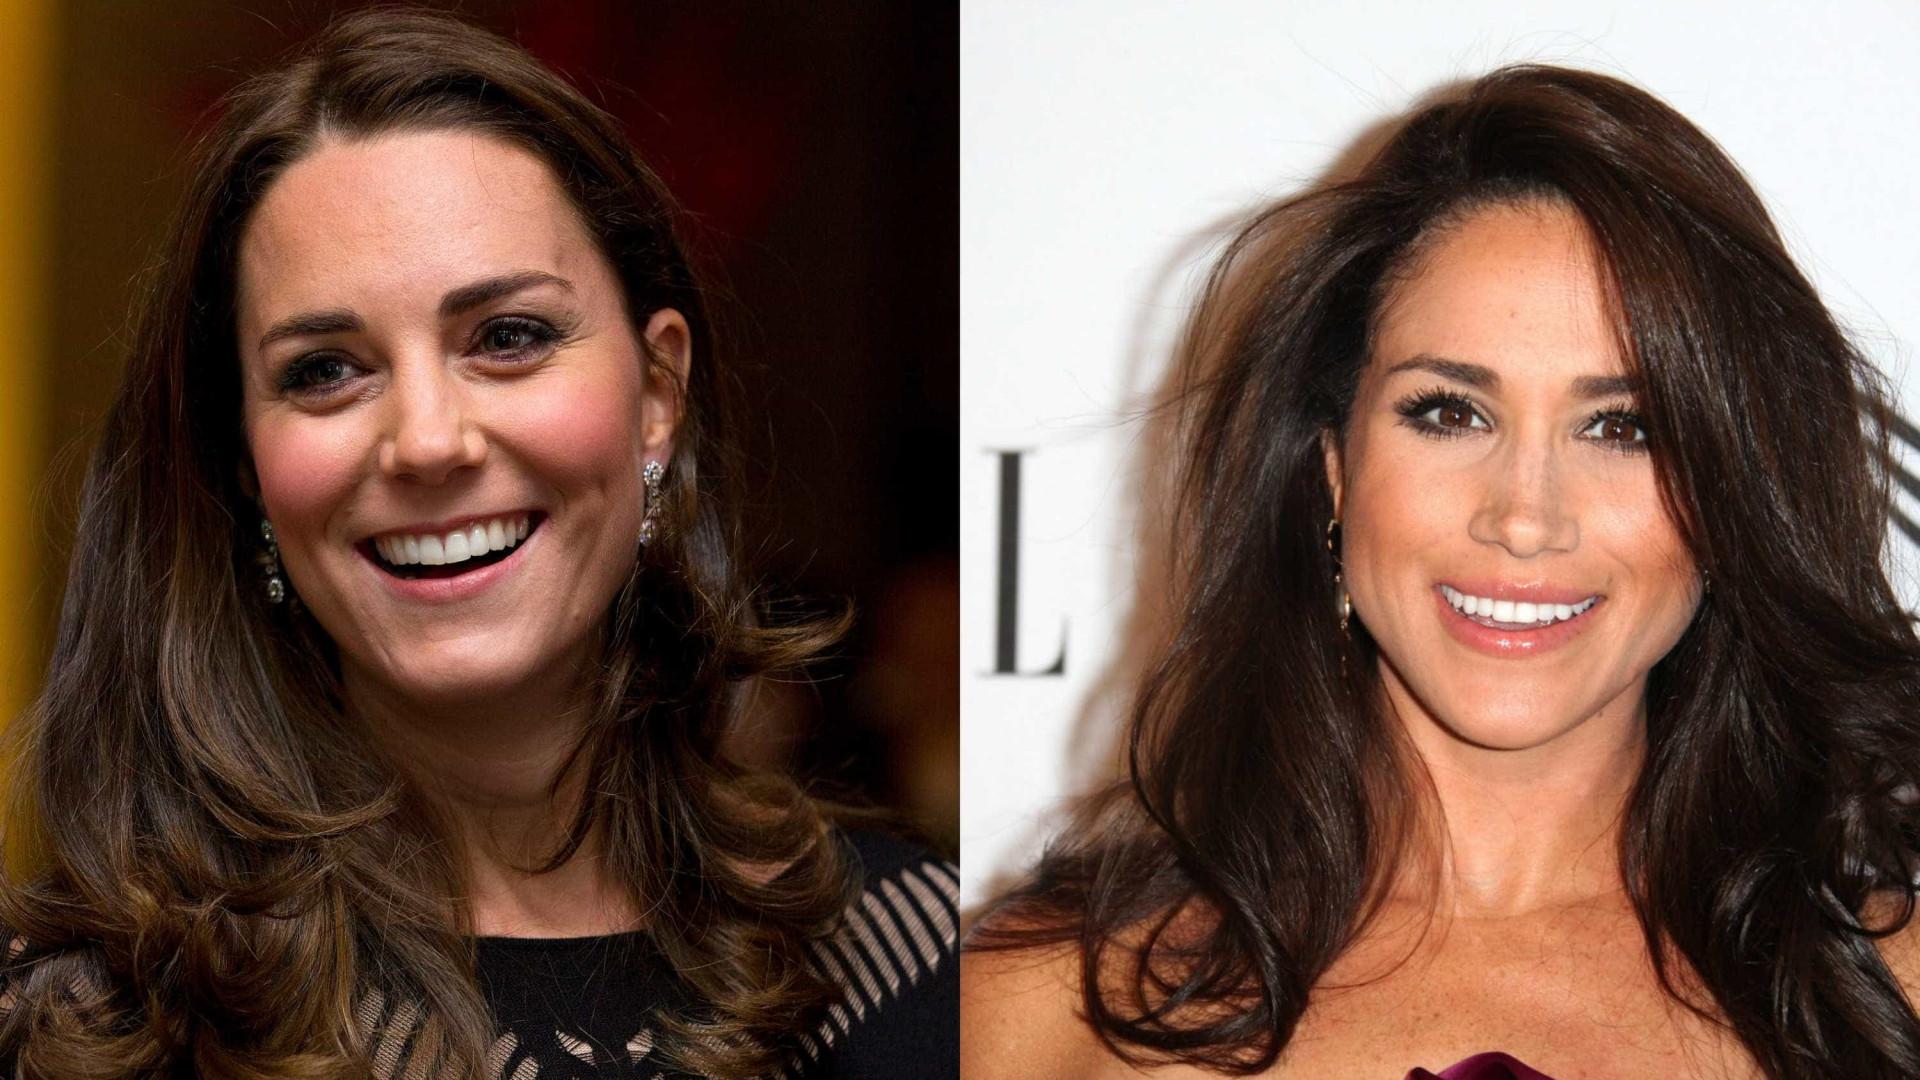 Casamento de príncipe Harry e Meghan Markle já tem data marcada